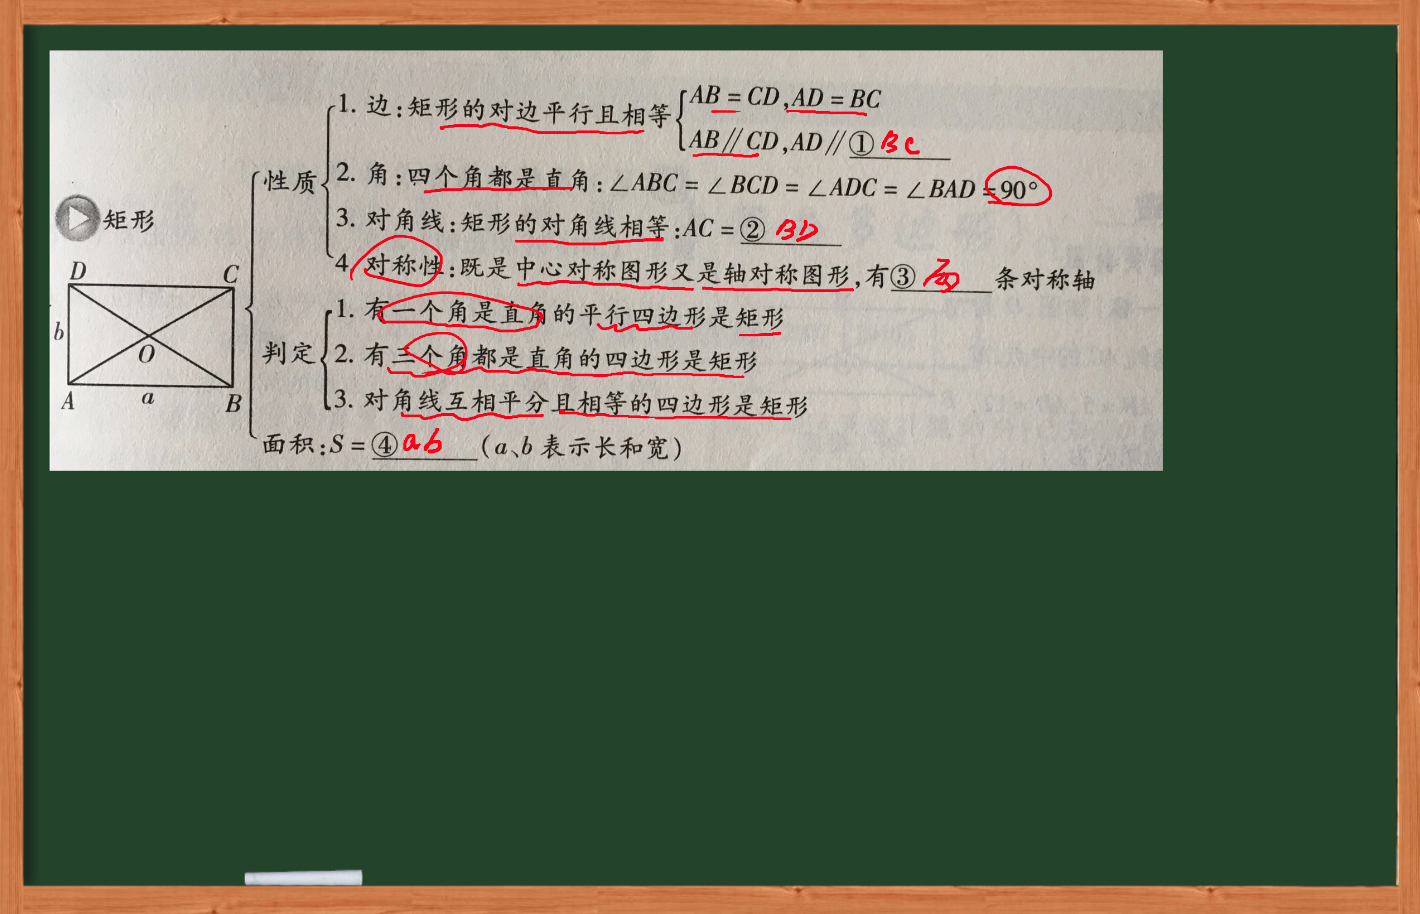 初中数学-矩形、菱形、正方形-虎斑教育